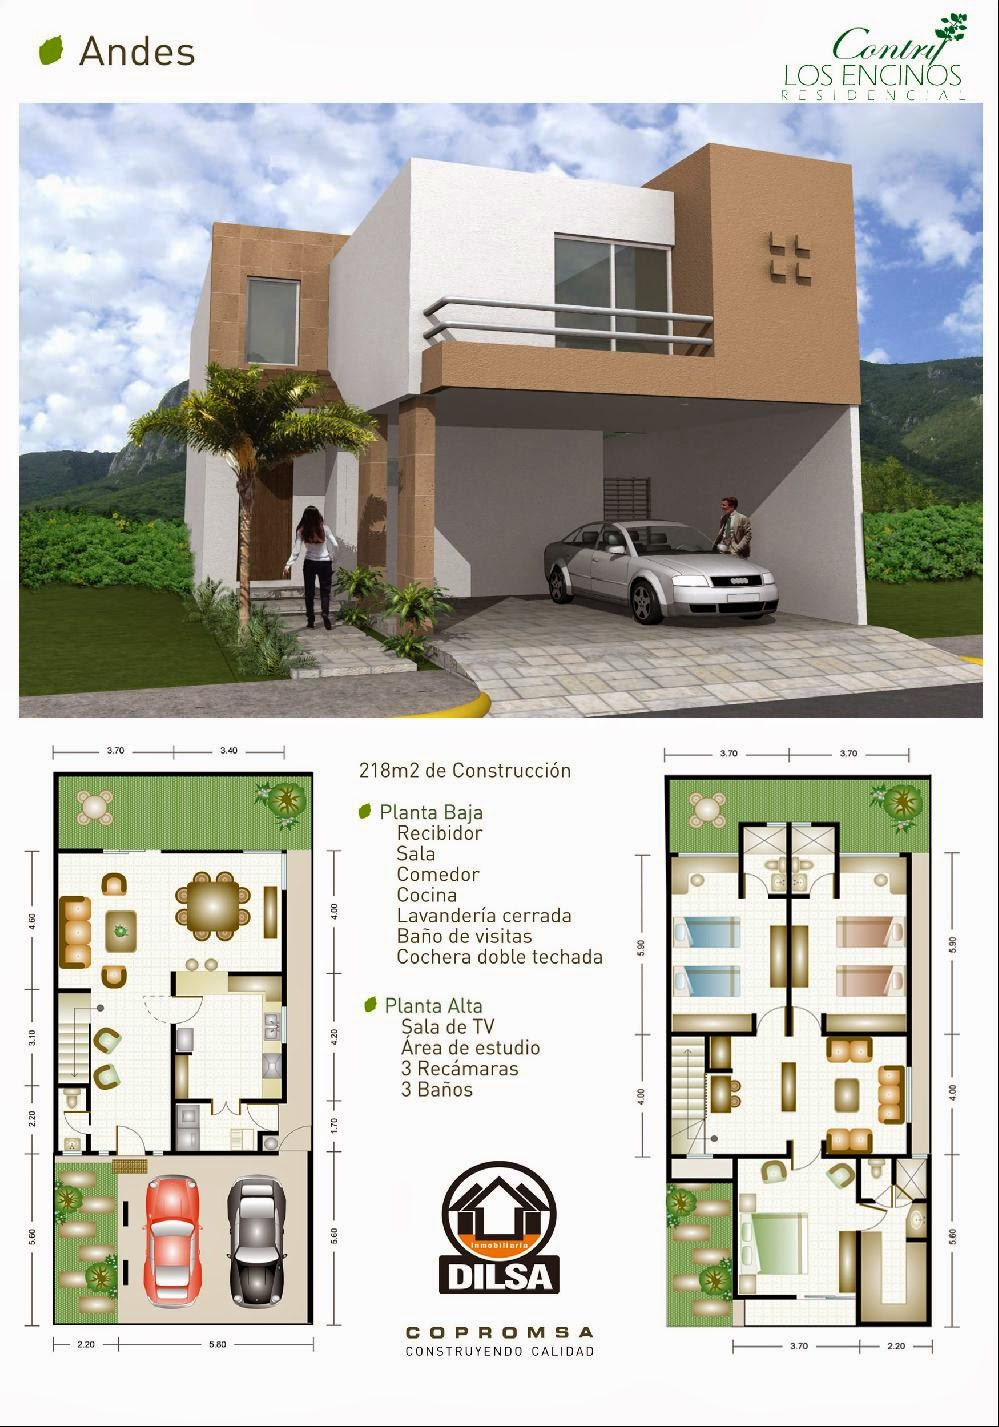 Ba os en planta arquitectonica for Plantas arquitectonicas minimalistas